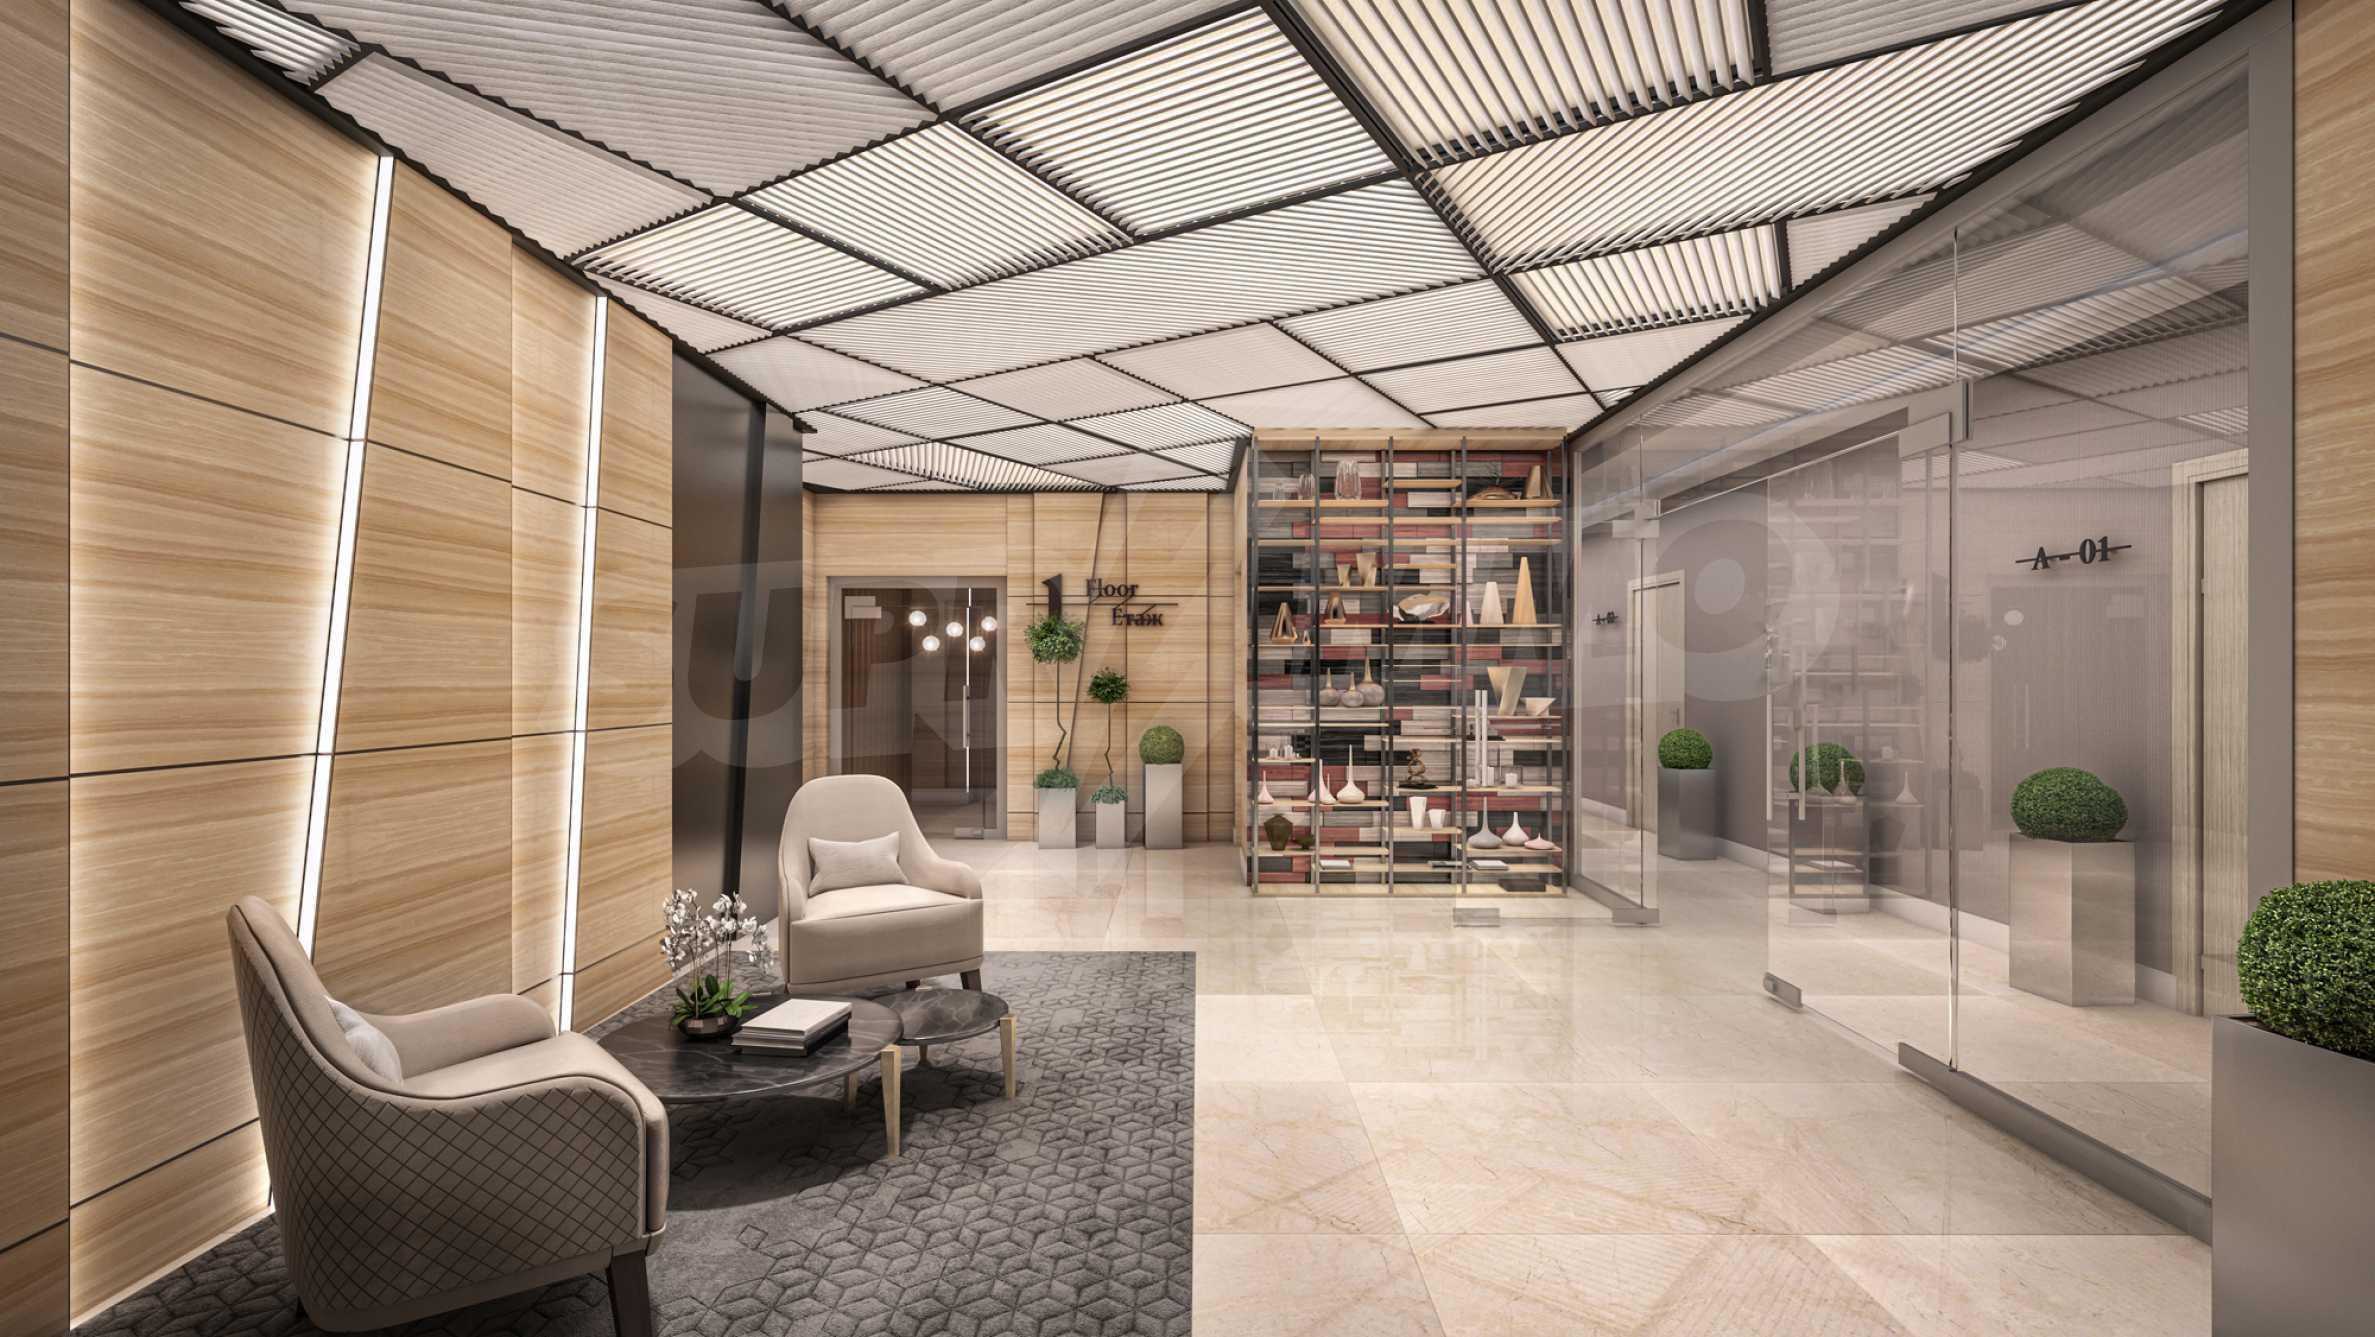 Ексклузивен комплекс на отлична локация в близост до бъдеща метростанция  8